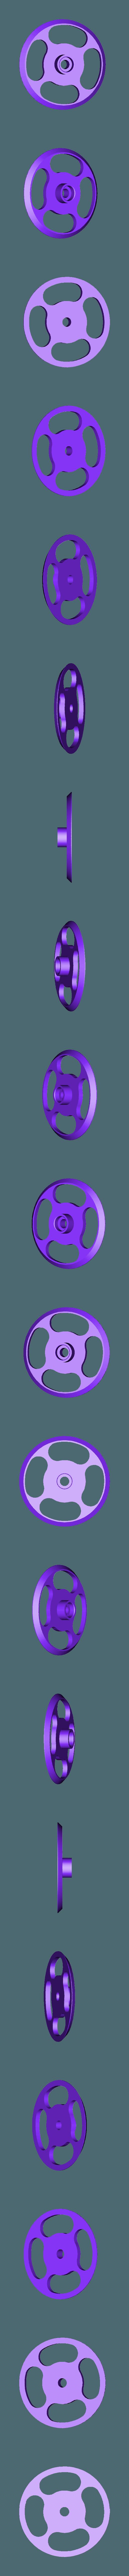 V2K2.stl Download free STL file Solder feeder • 3D printable design, Ruvimkub